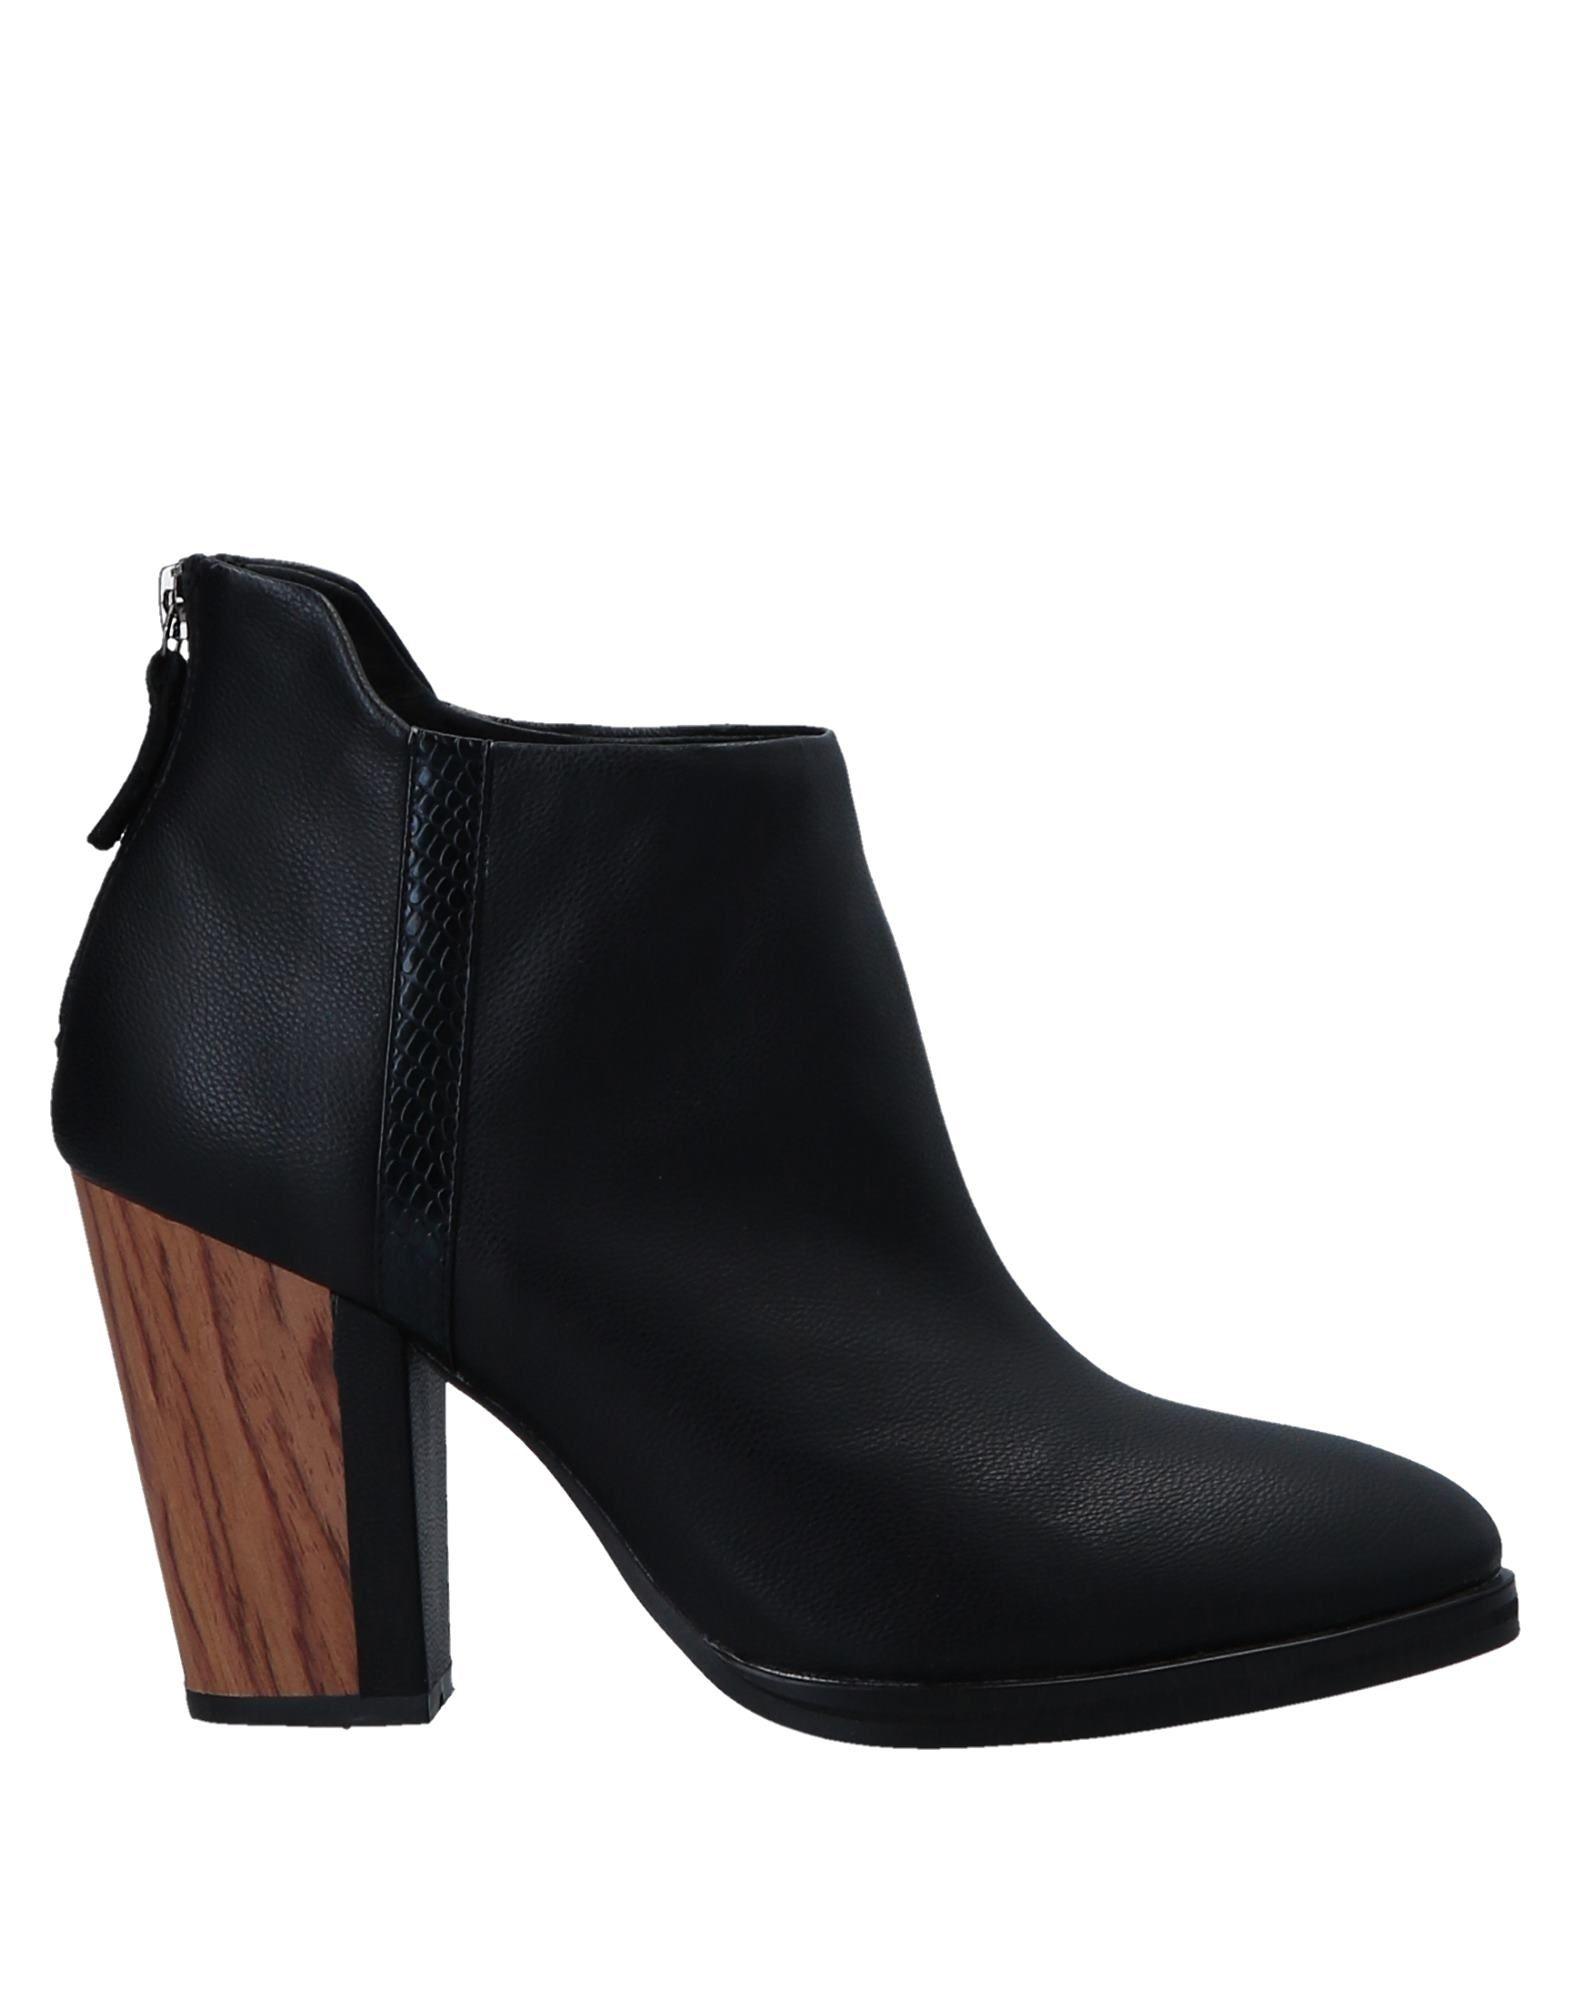 Bottine Bibi Lou Femme - Bottines Bibi Lou Noir Nouvelles chaussures pour hommes et femmes, remise limitée dans le temps